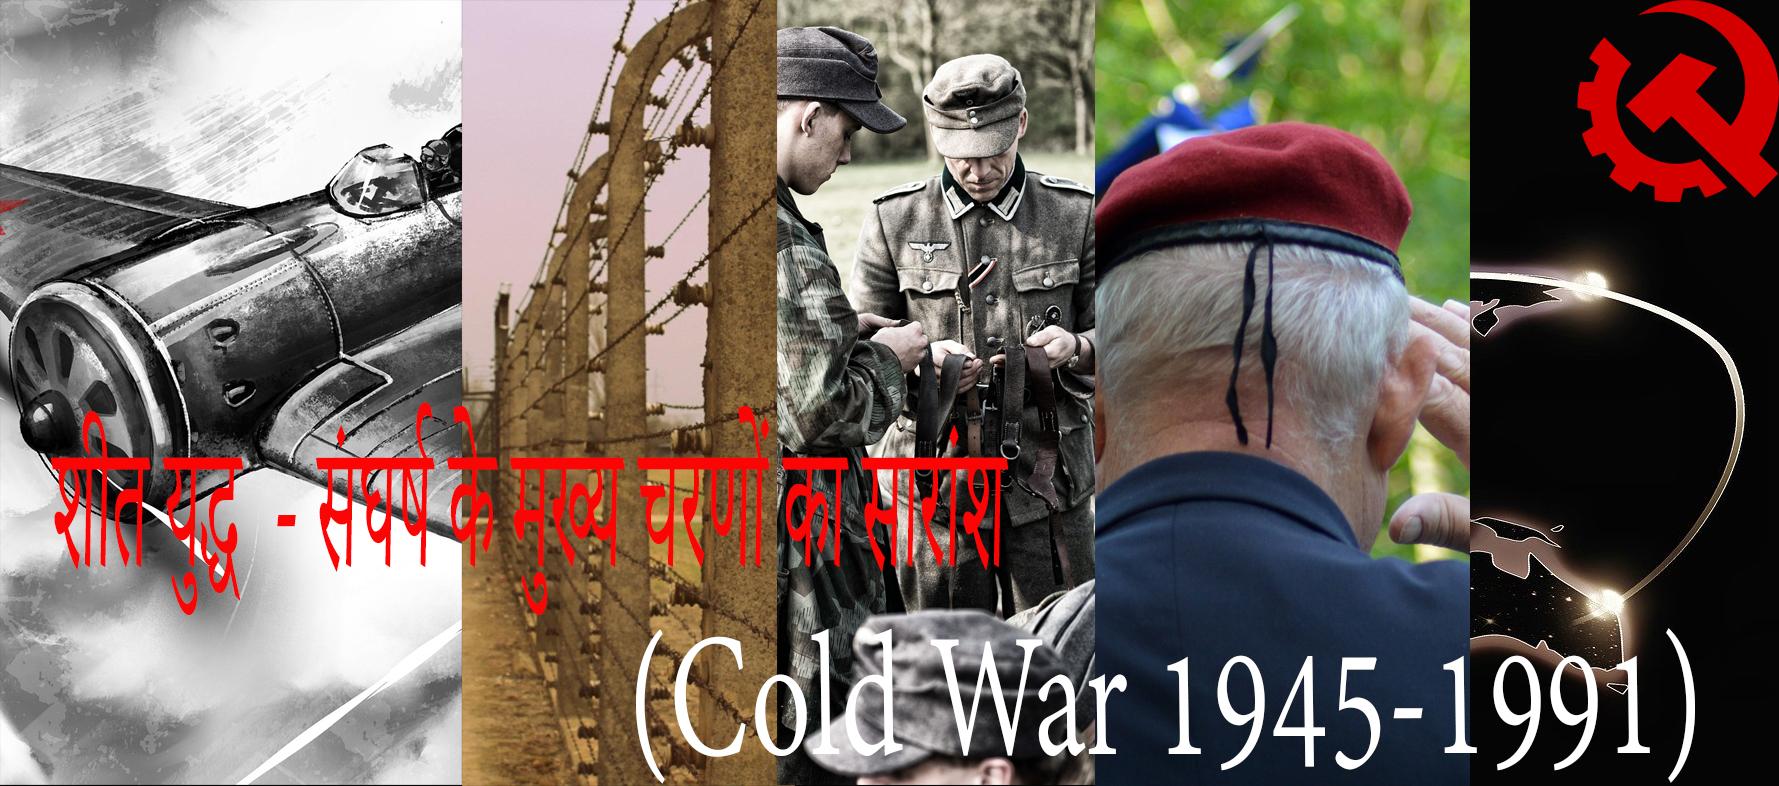 शीत युद्ध (Cold War 1945-1991) - संघर्ष के मुख्य चरणों का सारांश